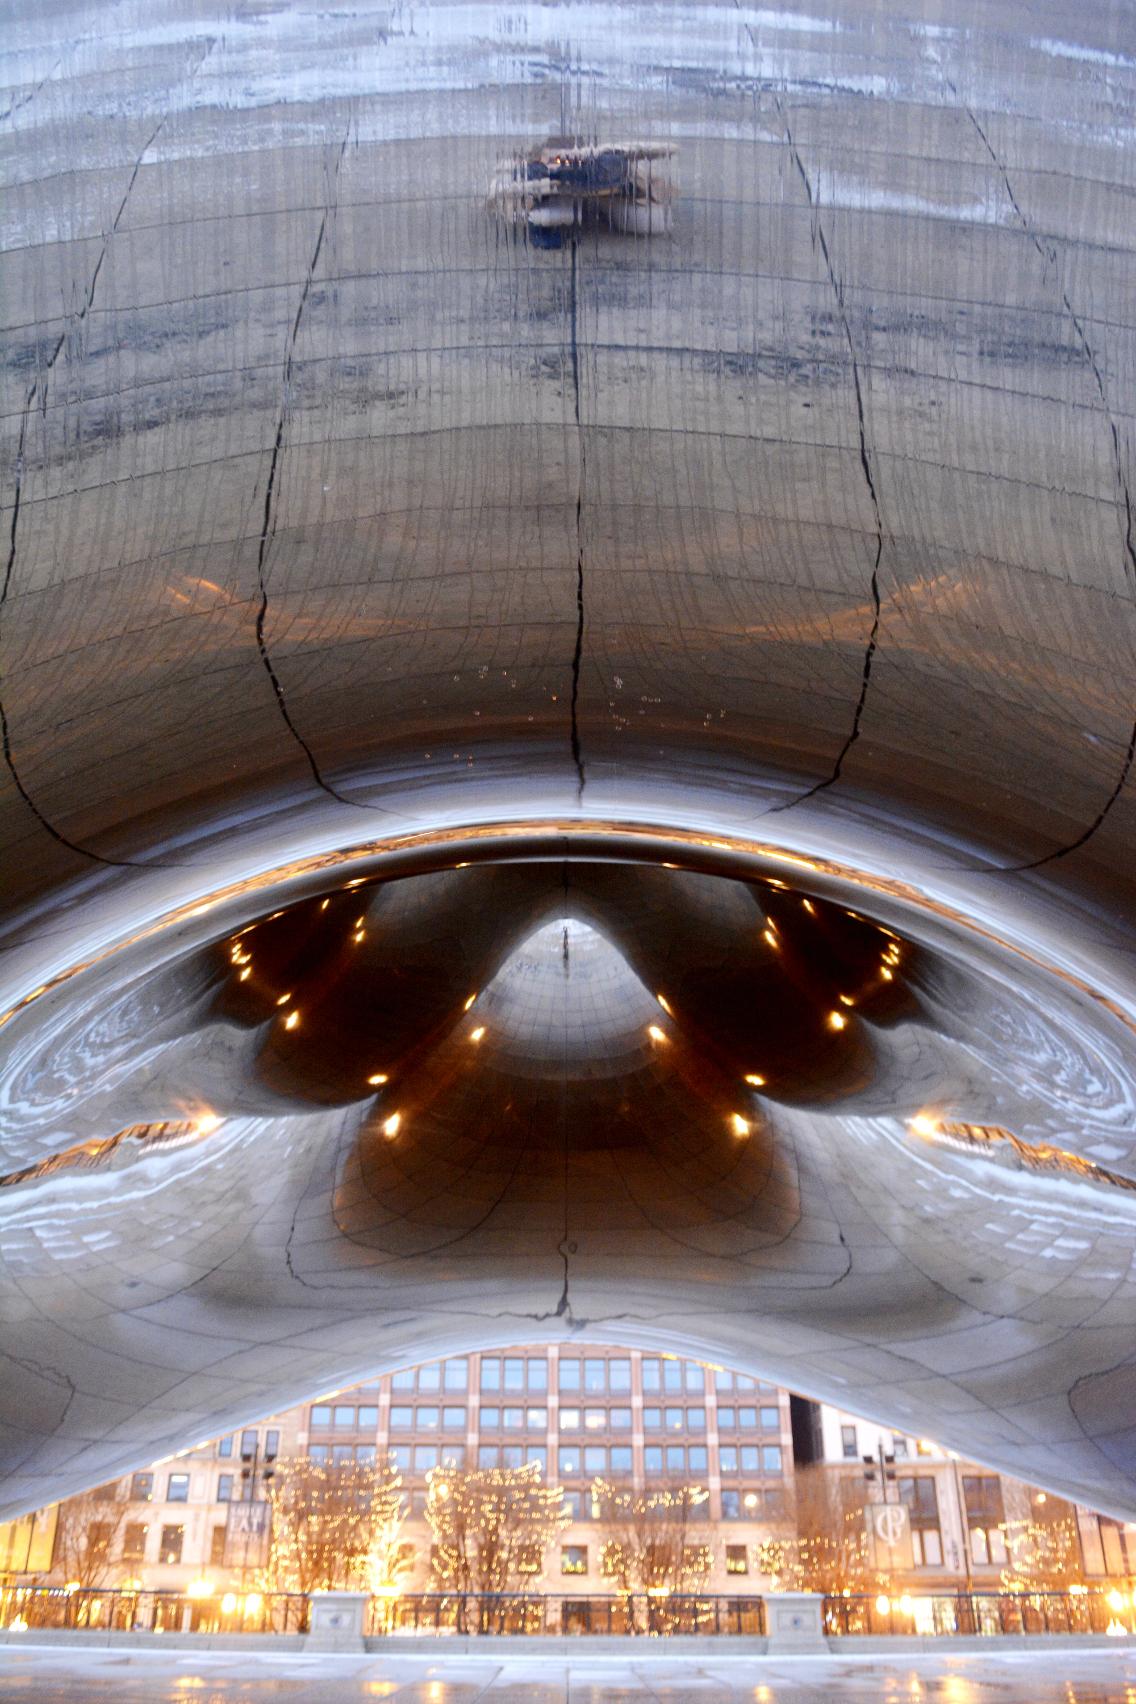 Chicago Millennium Park Cloud Gate The Bean 12